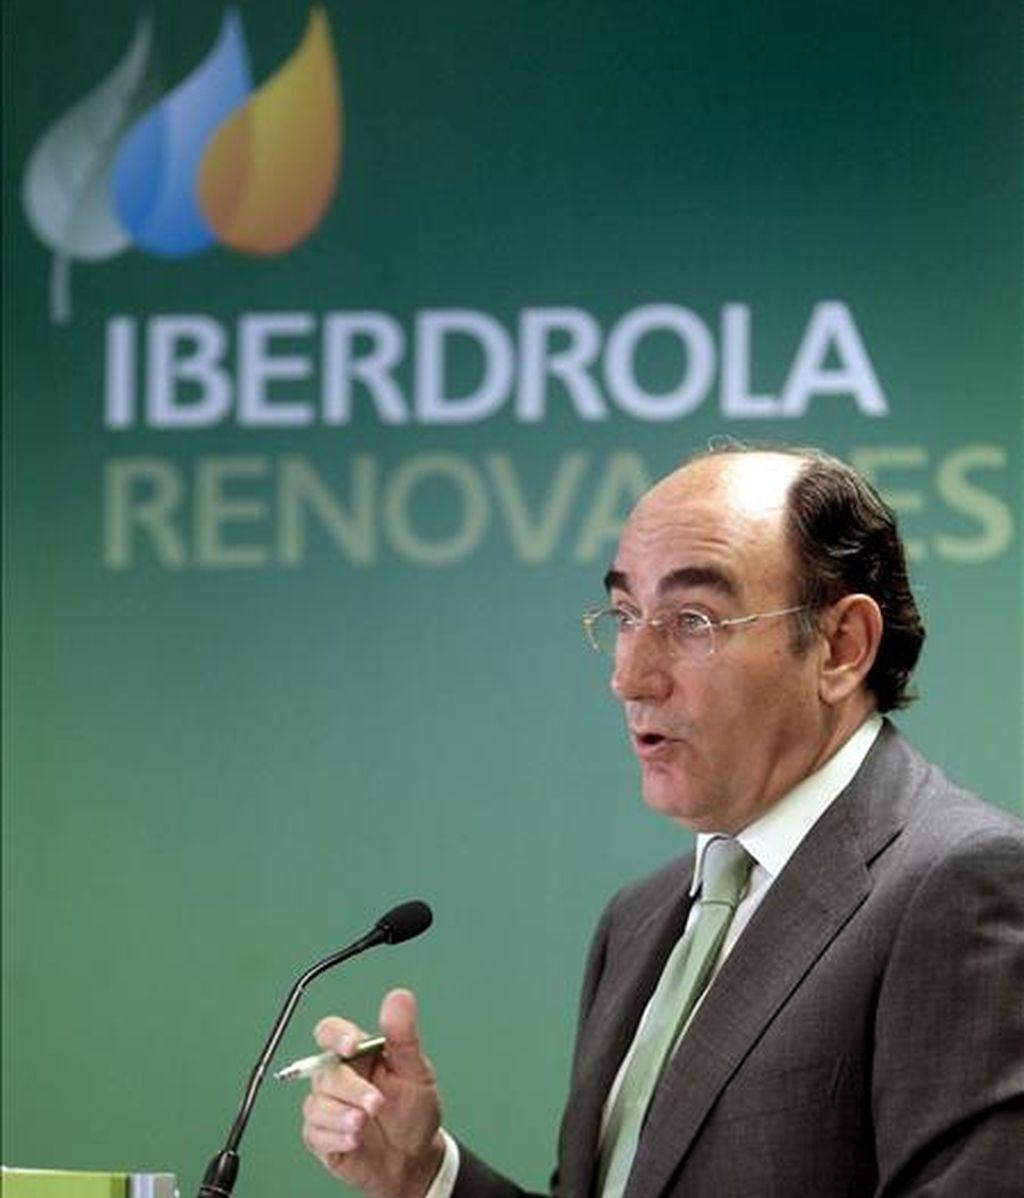 El presidente de Iberdrola, Ignacio Sánchez Galán, durante la rueda de prensa que ofreció hoy, con motivo de la celebración el miércoles de la junta de accionistas de la compañía. EFE